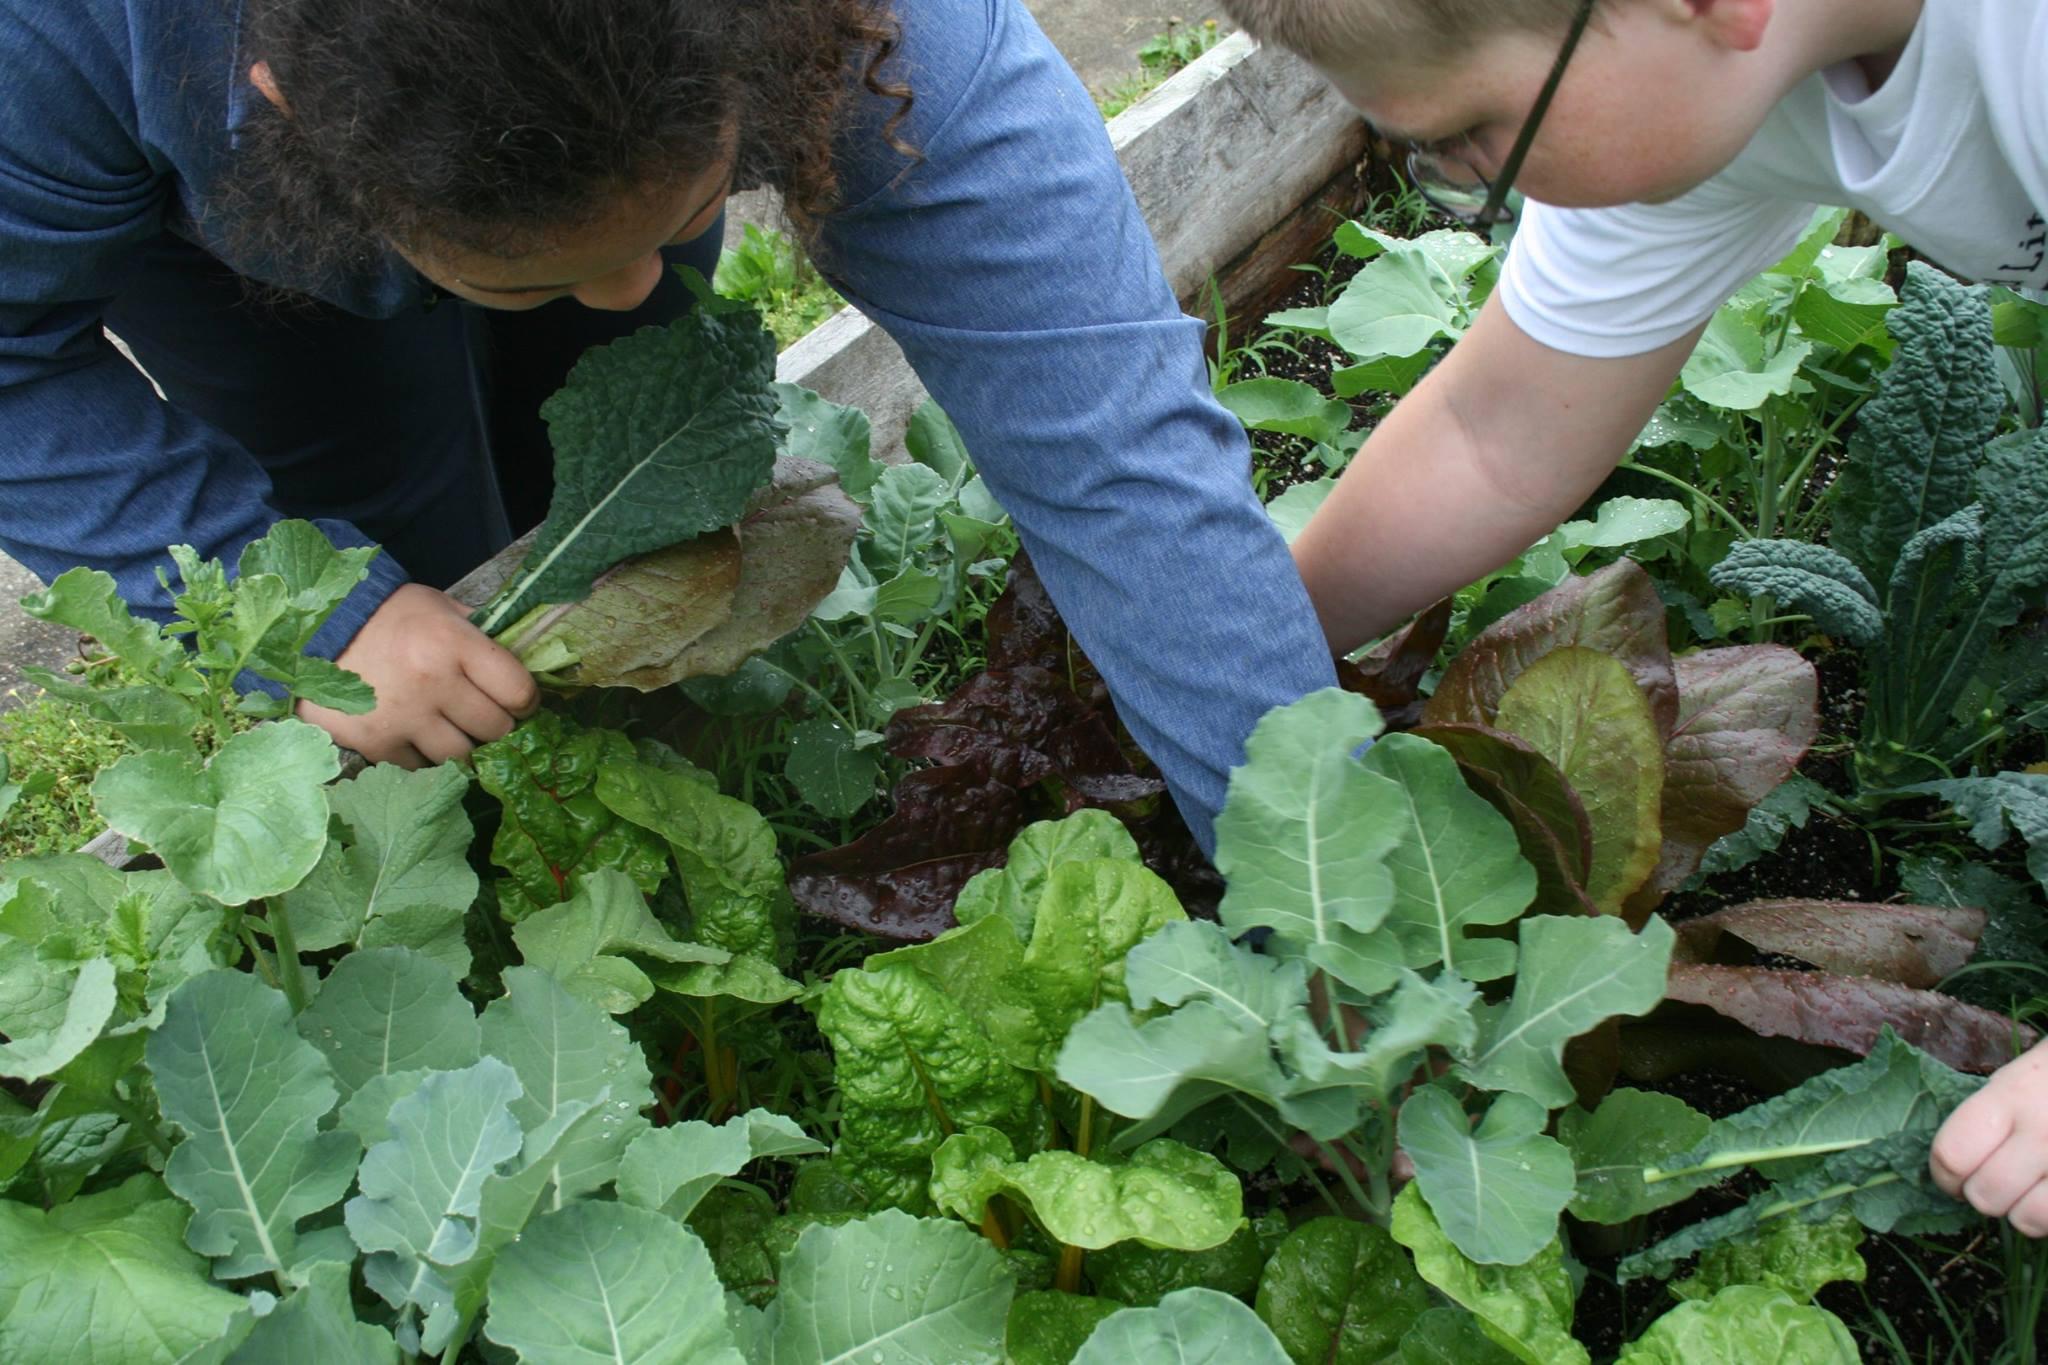 Kids harvesting in school garden.